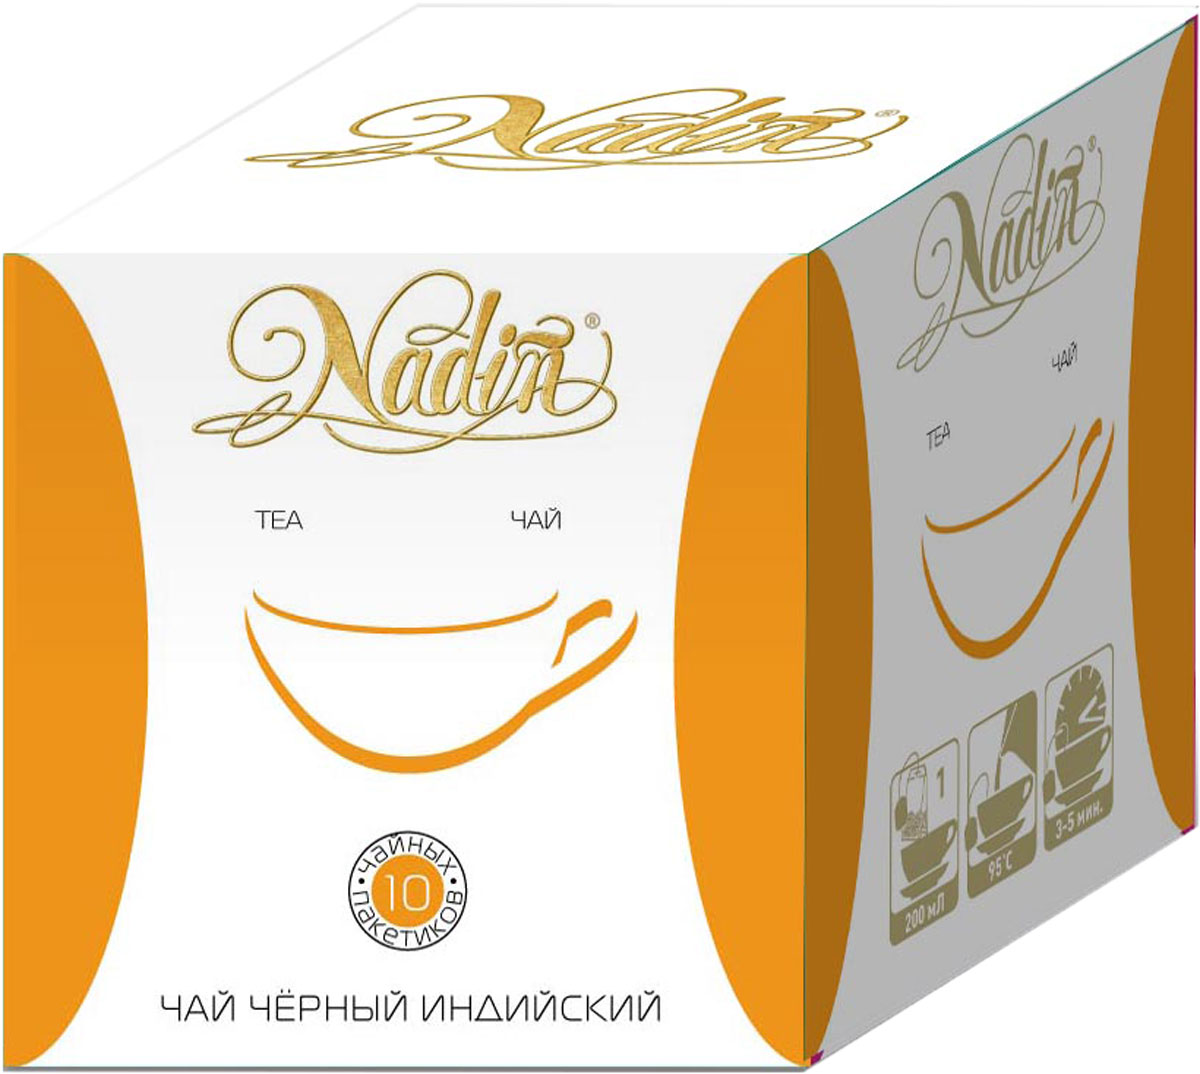 Nadin Индийский чай черный пакетированный, 10 шт nadin лимон мята чай черный пакетированный 10 шт